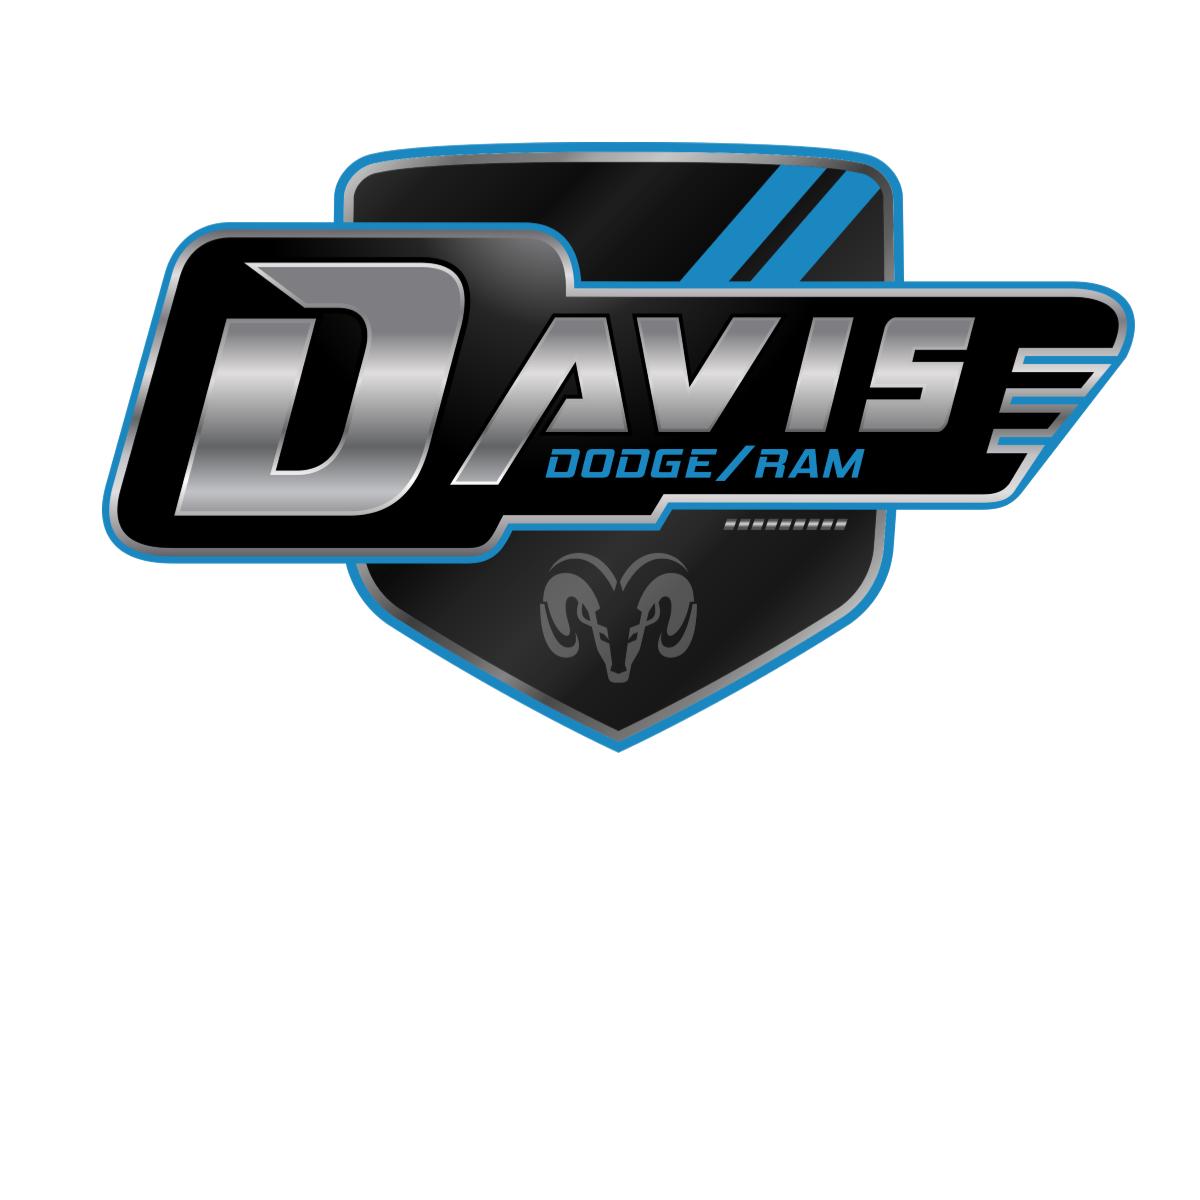 Davis Dodge